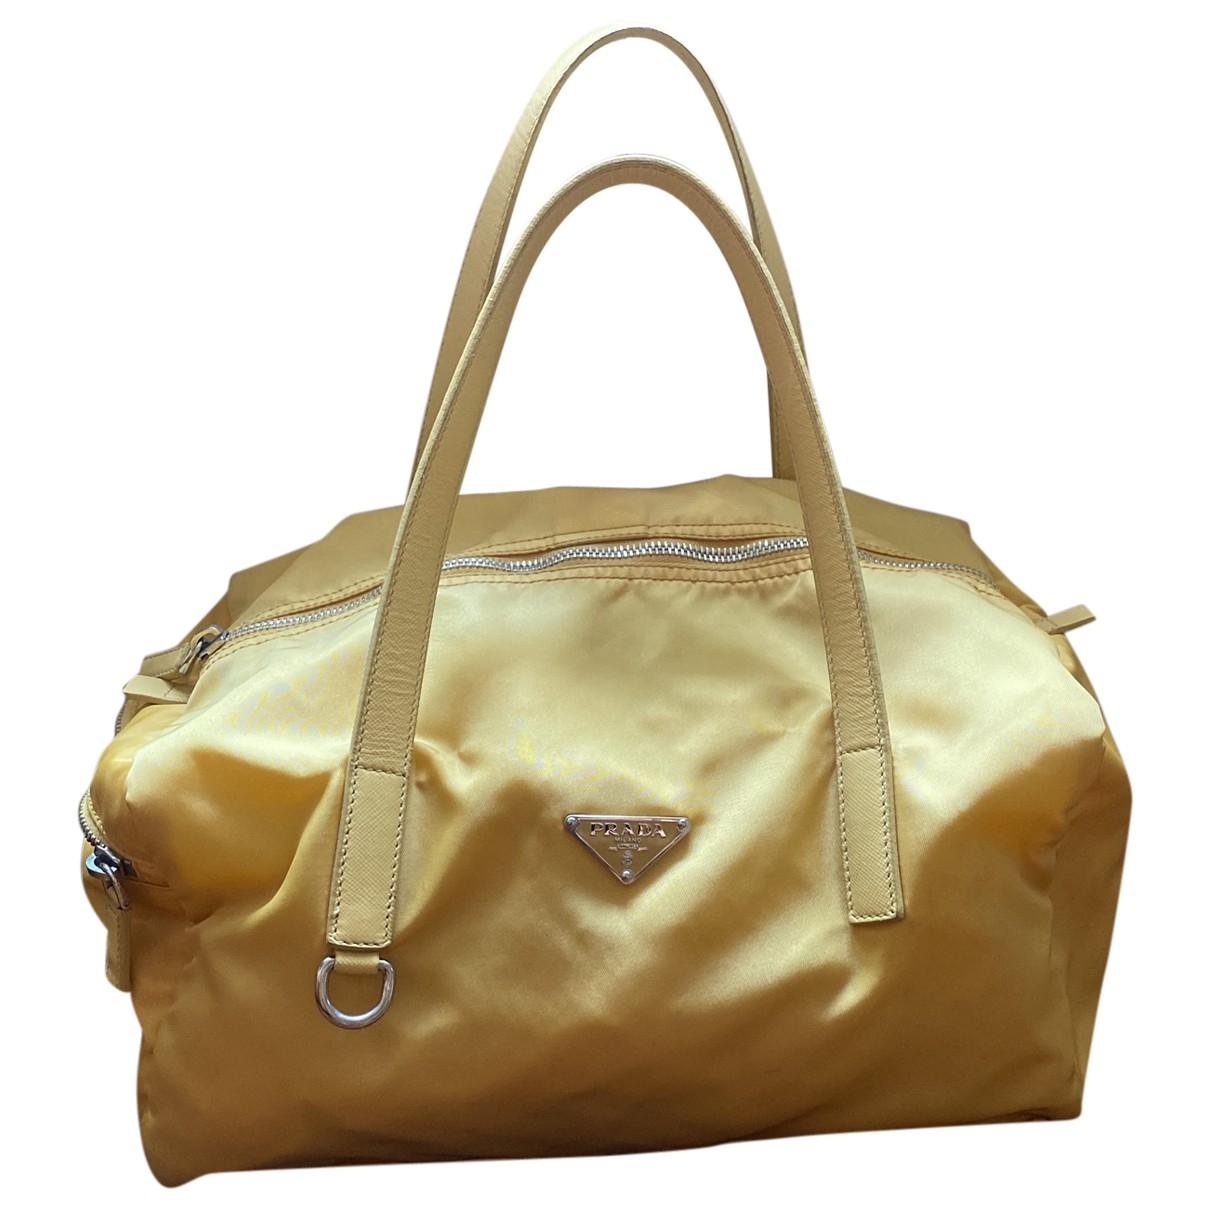 Prada \N Yellow handbag for Women \N